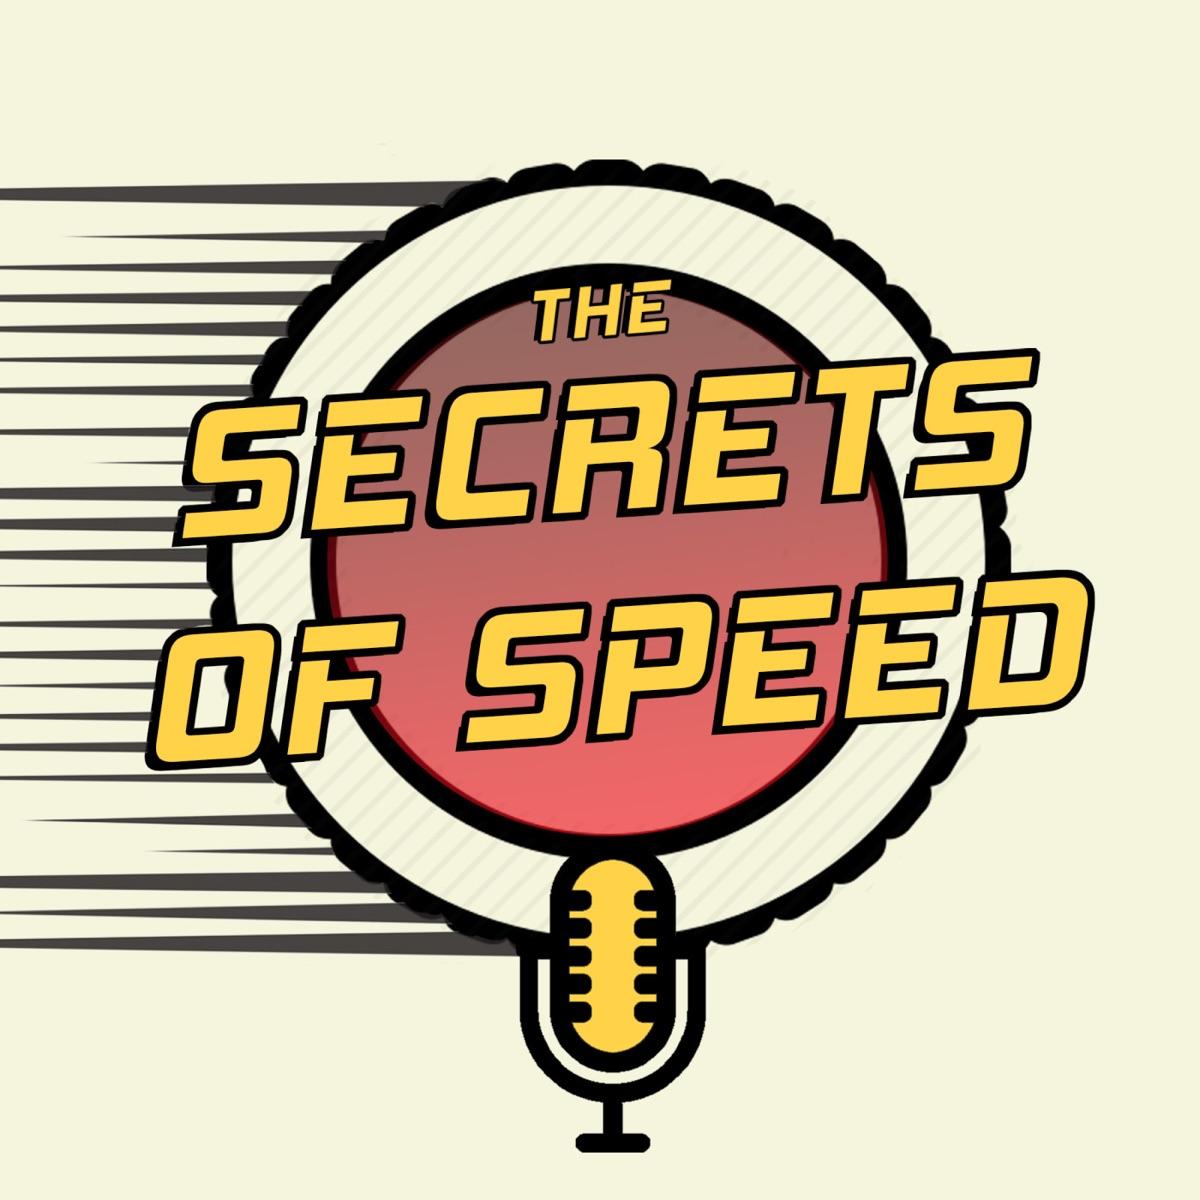 Secrets of Speed